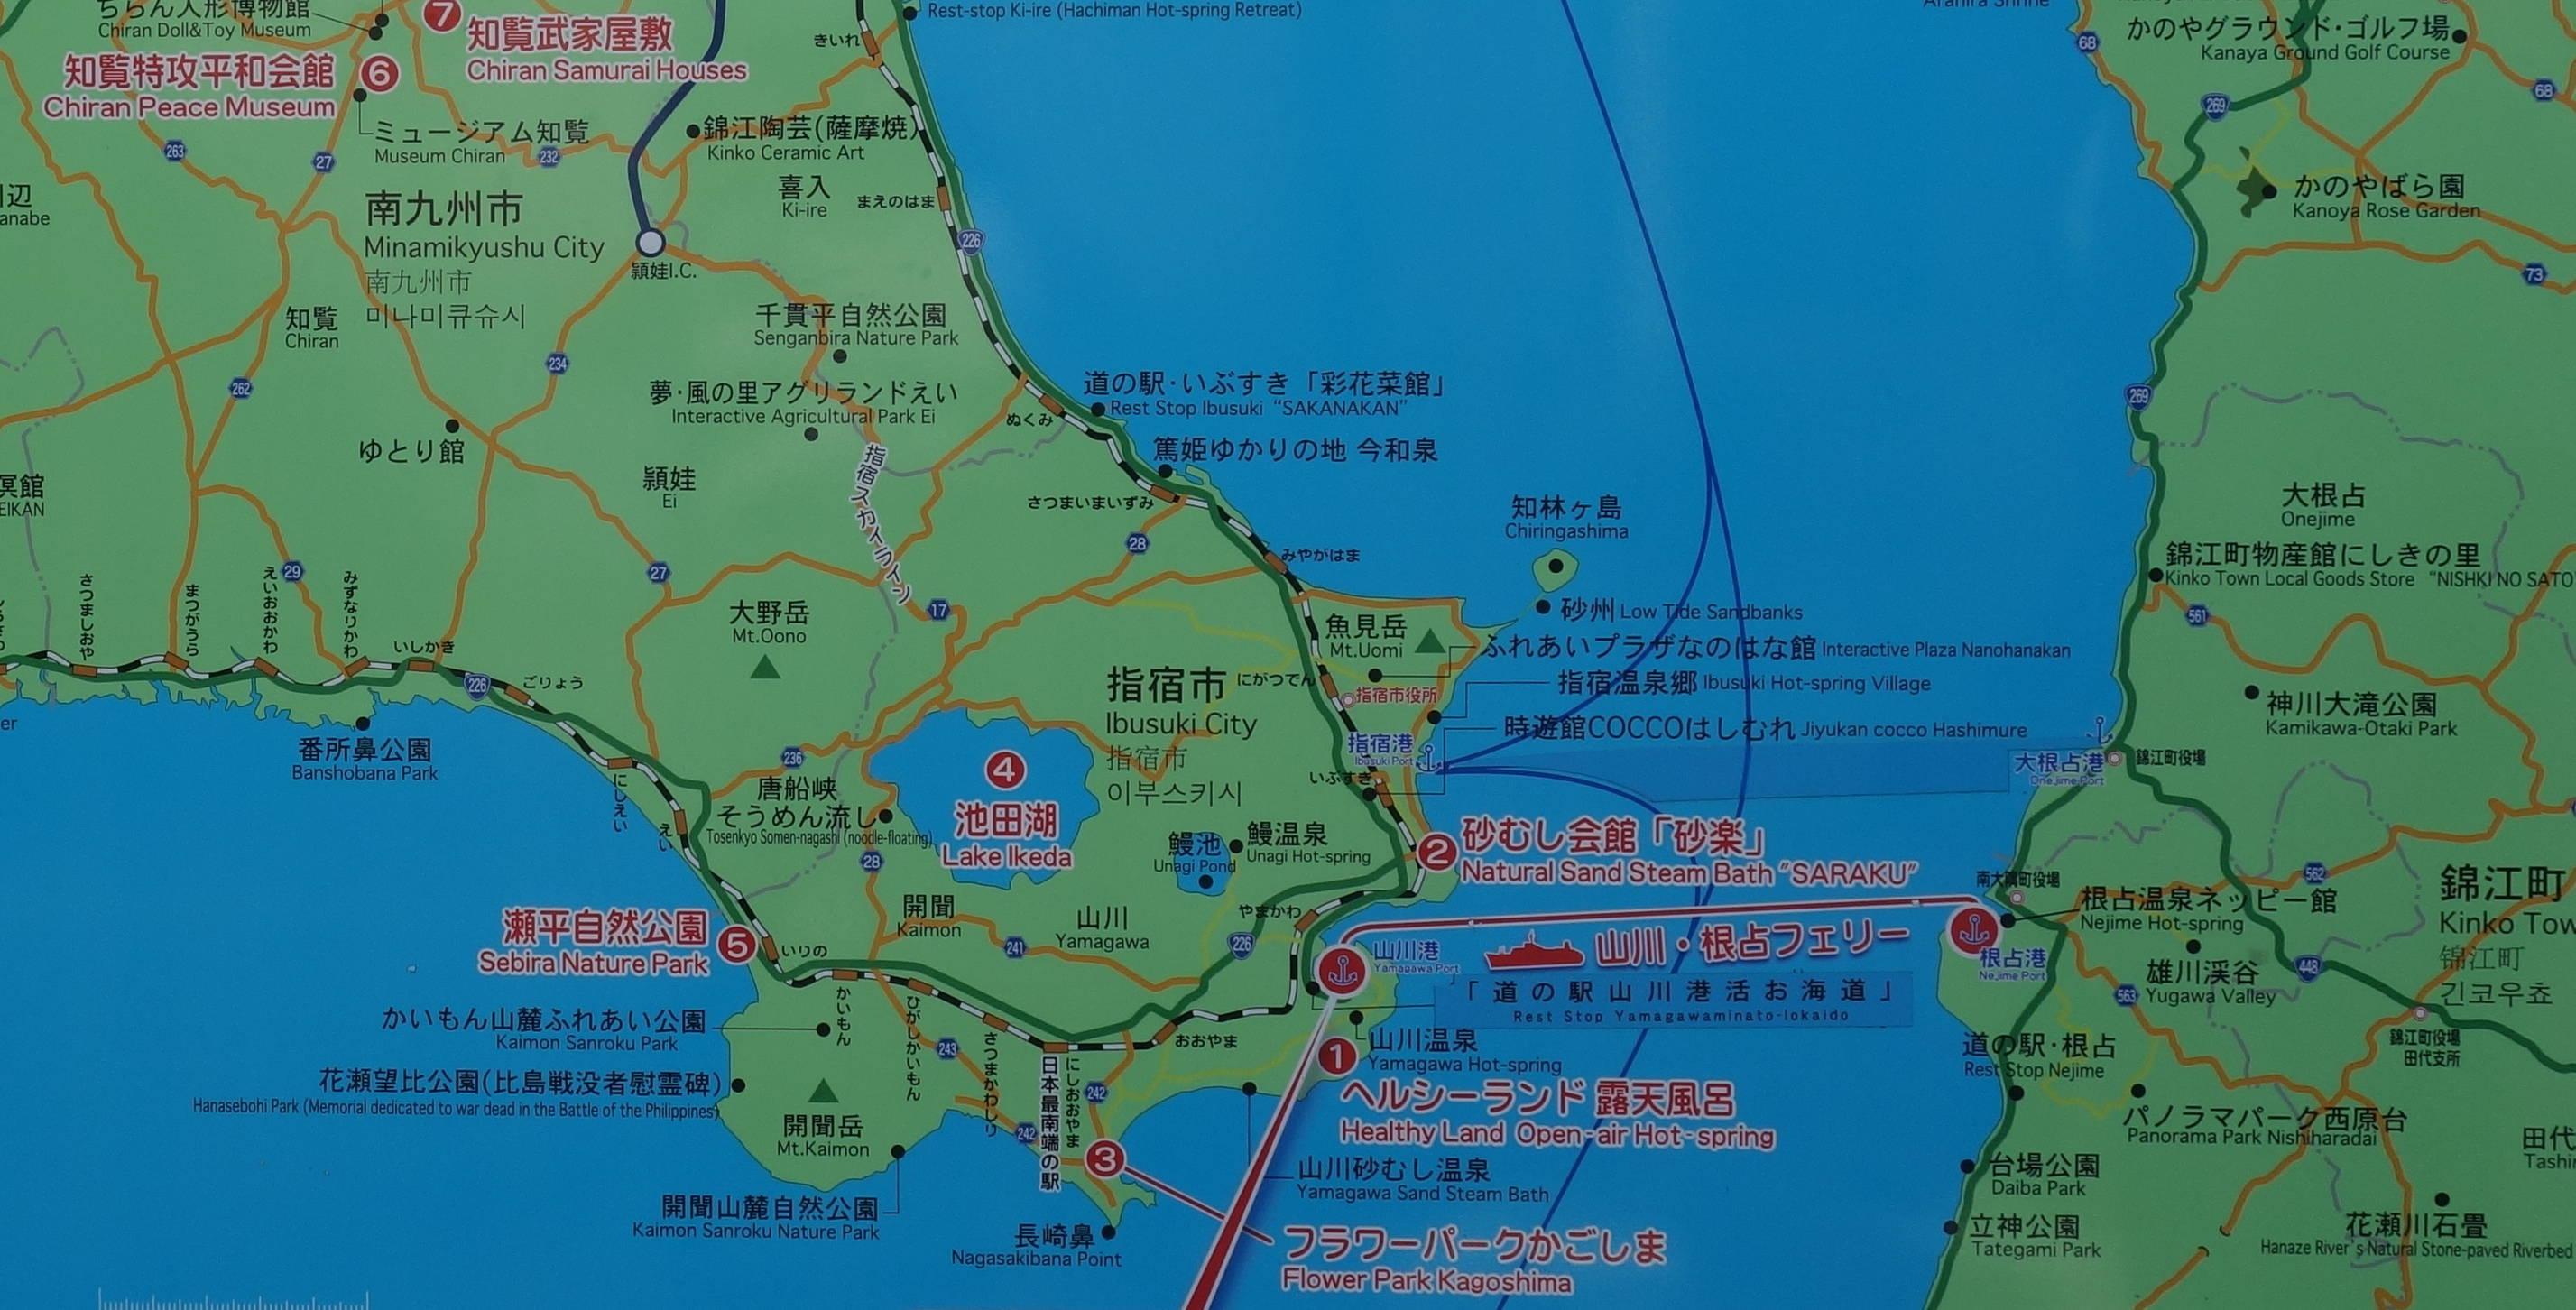 山川根占フェリーと地図